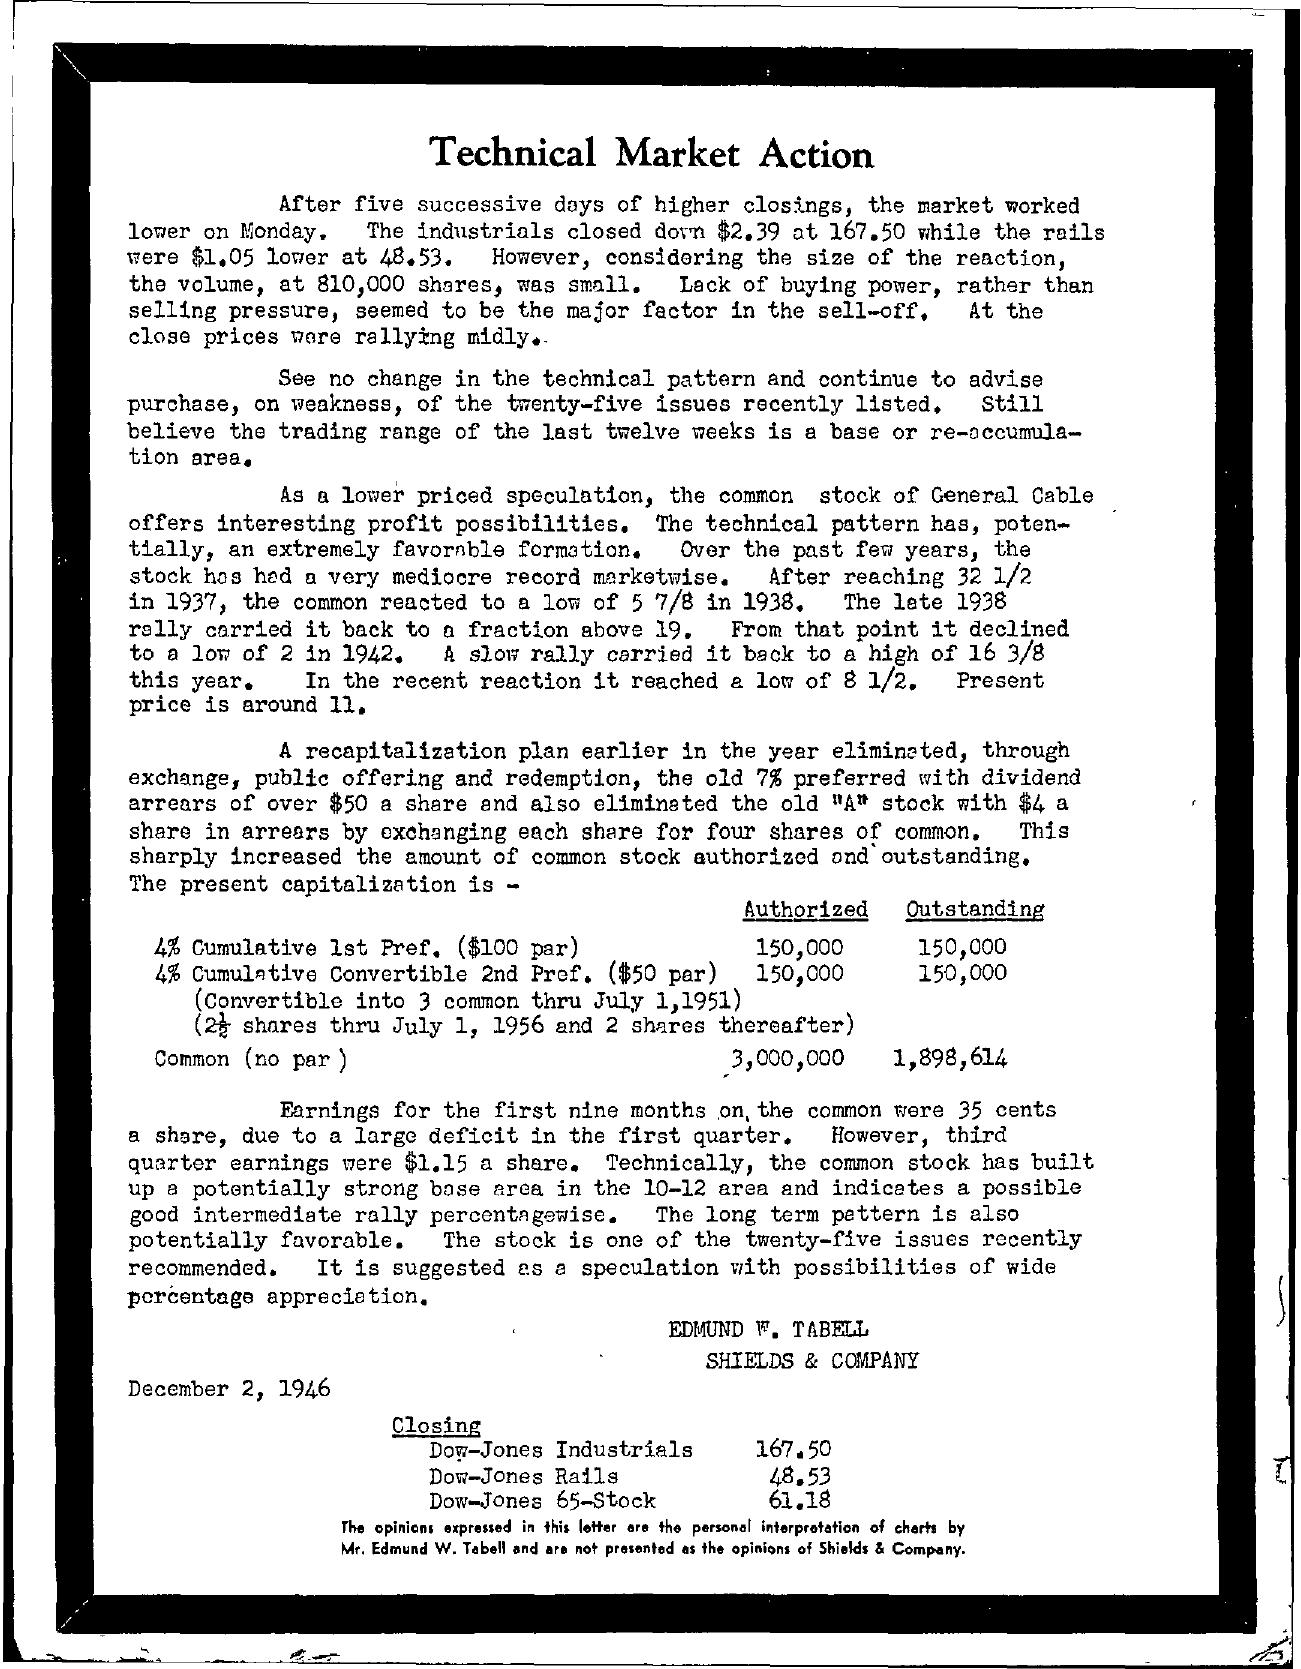 Tabell's Market Letter - December 02, 1946